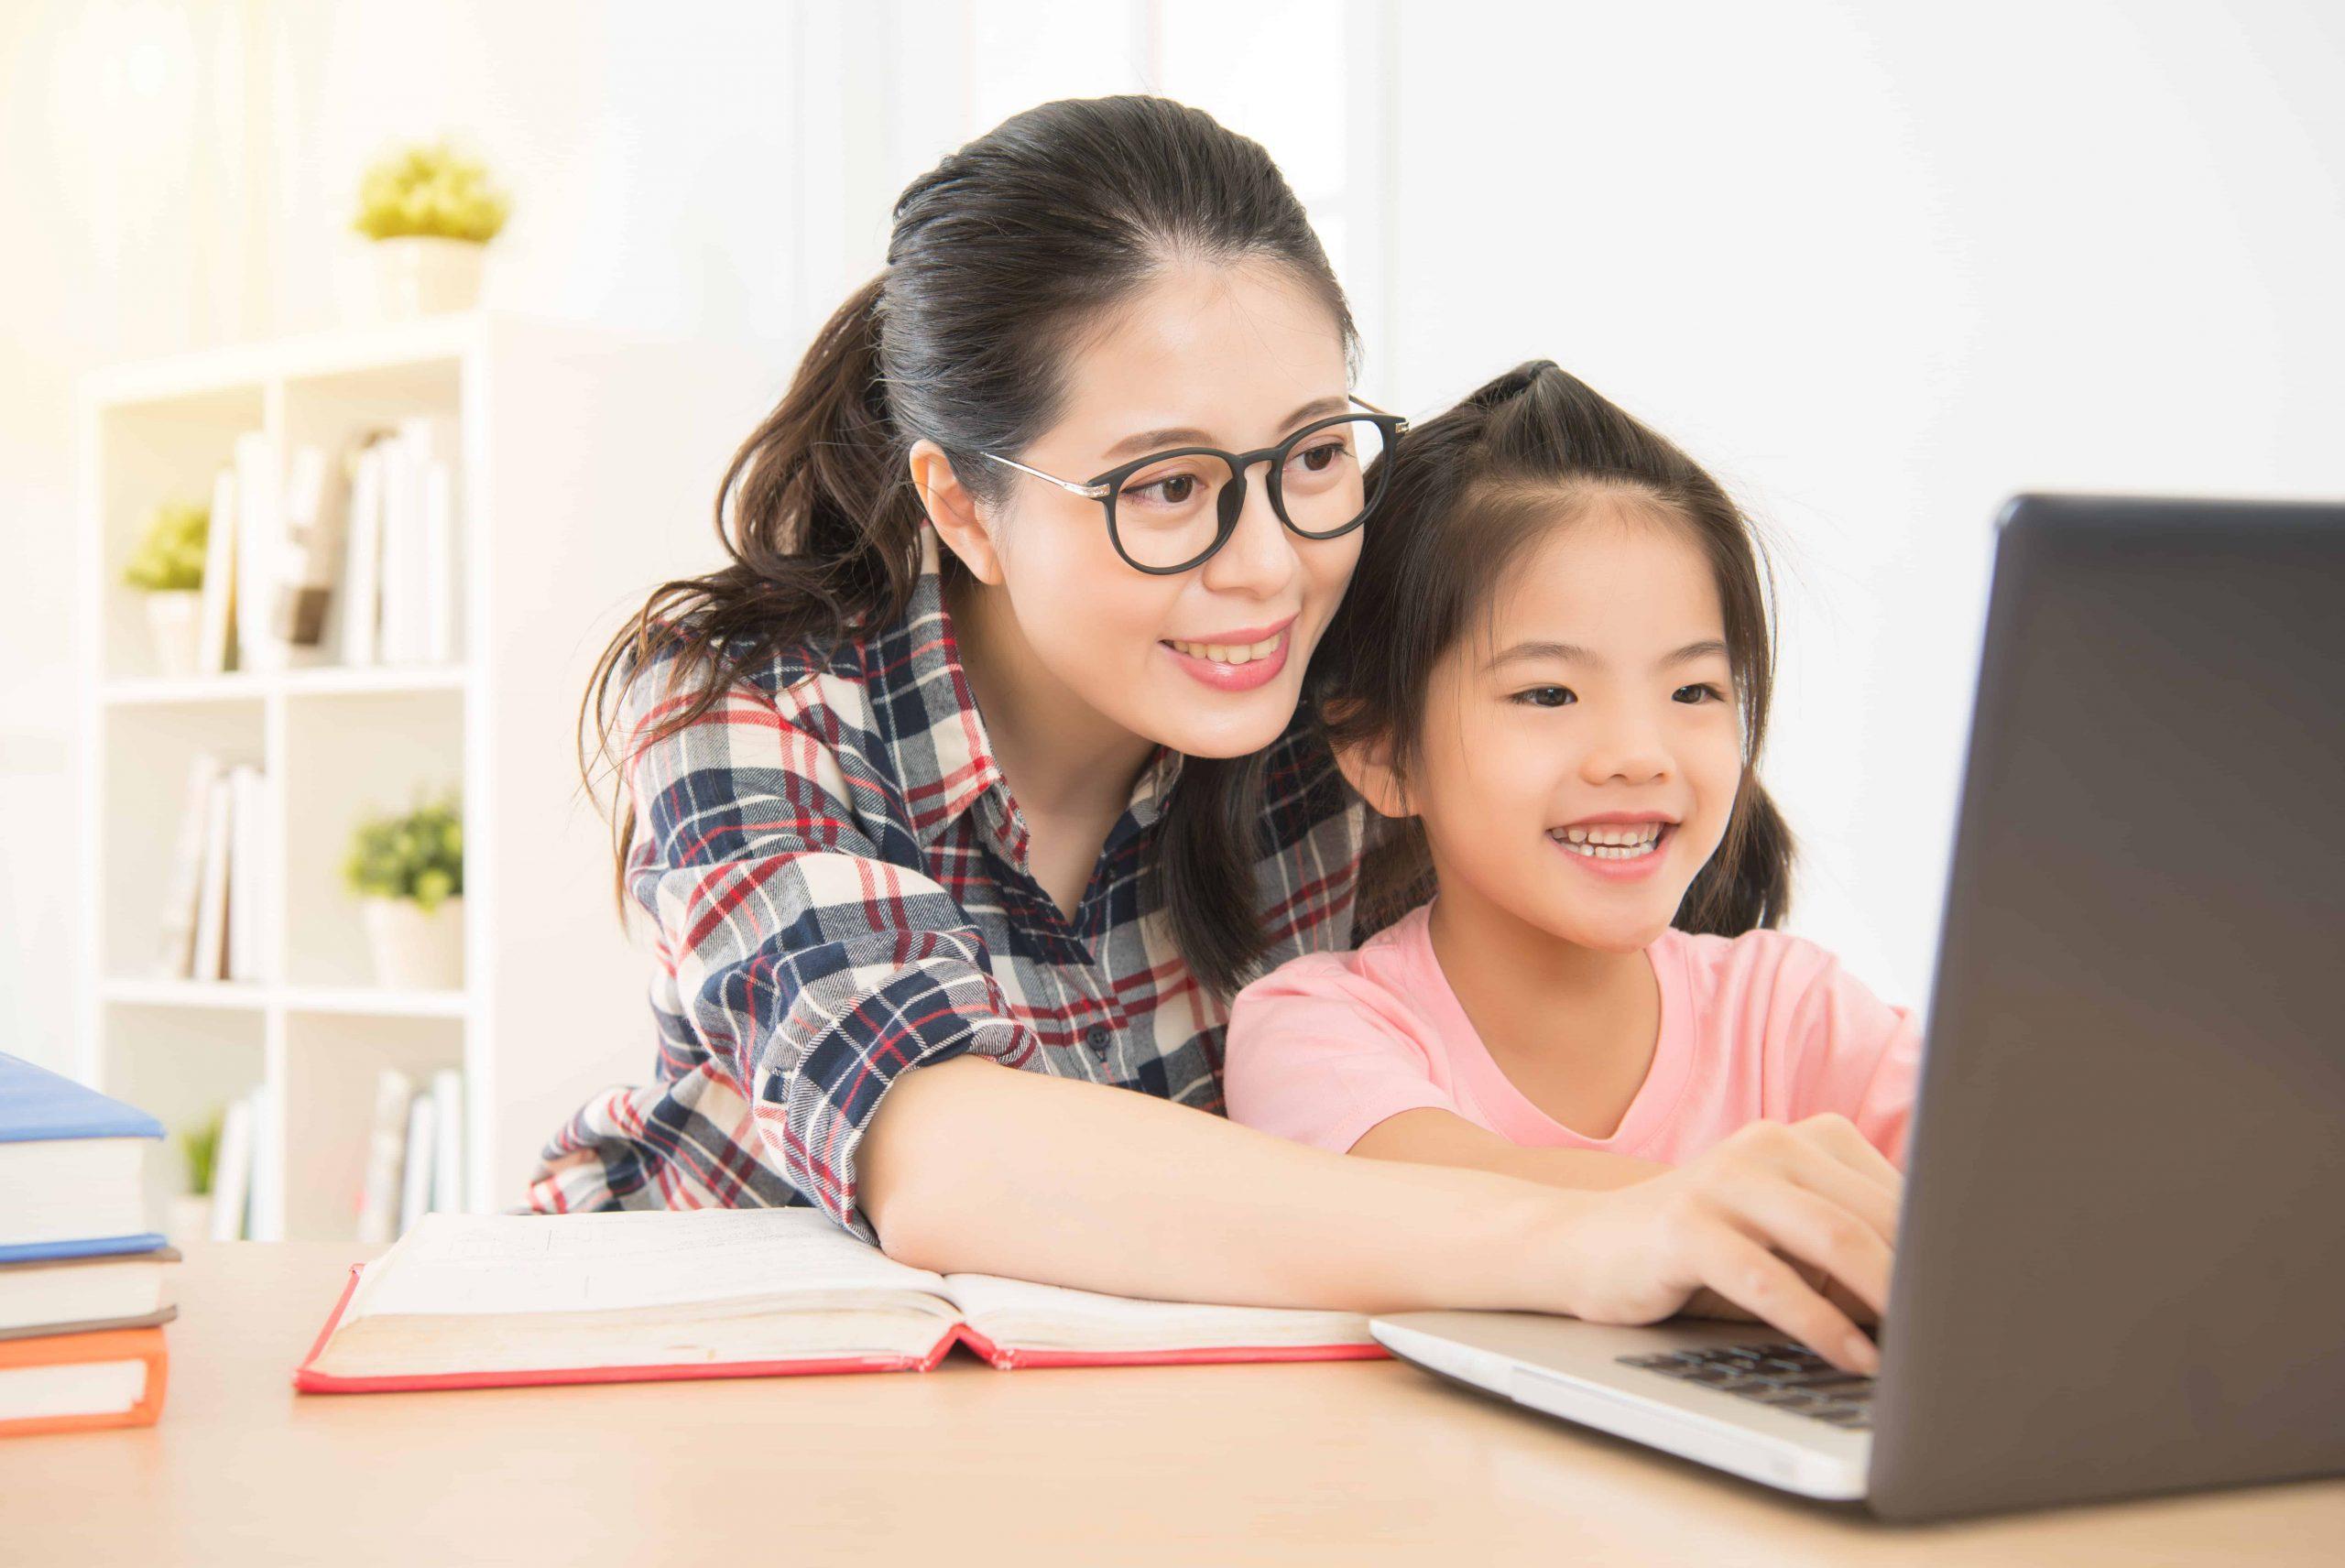 Kinder Laptop: Test & Empfehlungen (11/20)